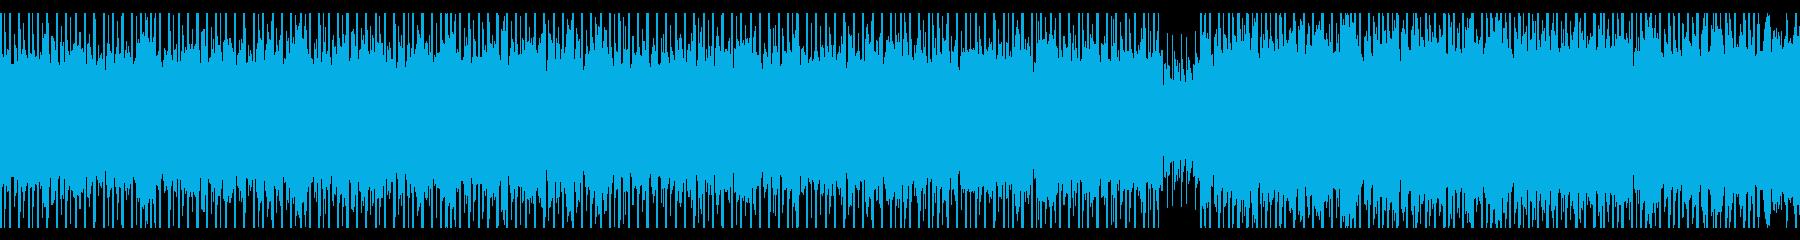 教育(ループ)の再生済みの波形